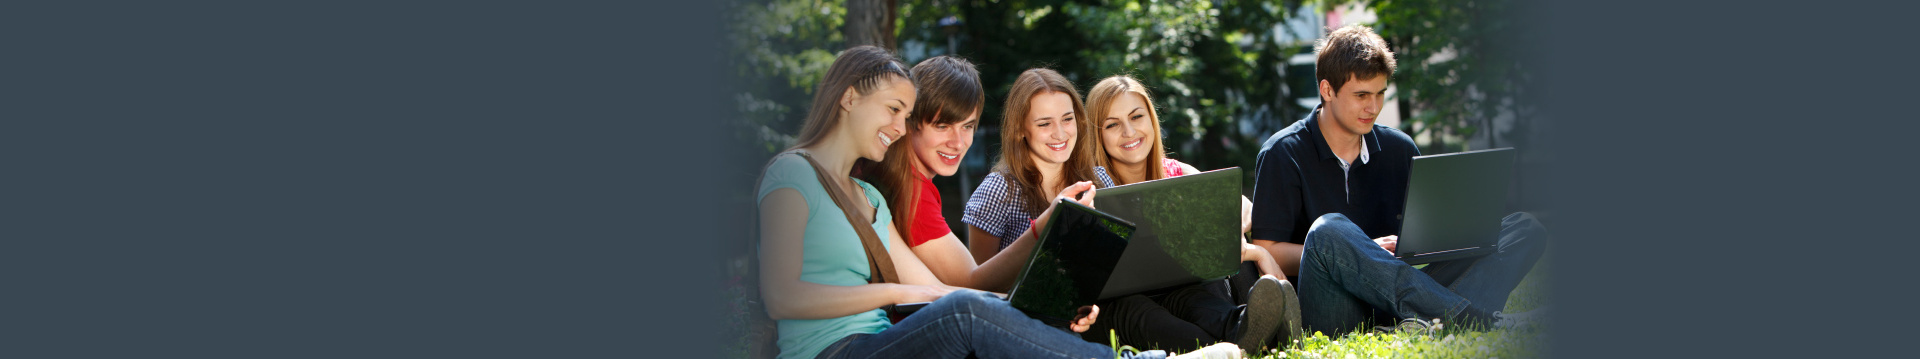 Vzdělávání online